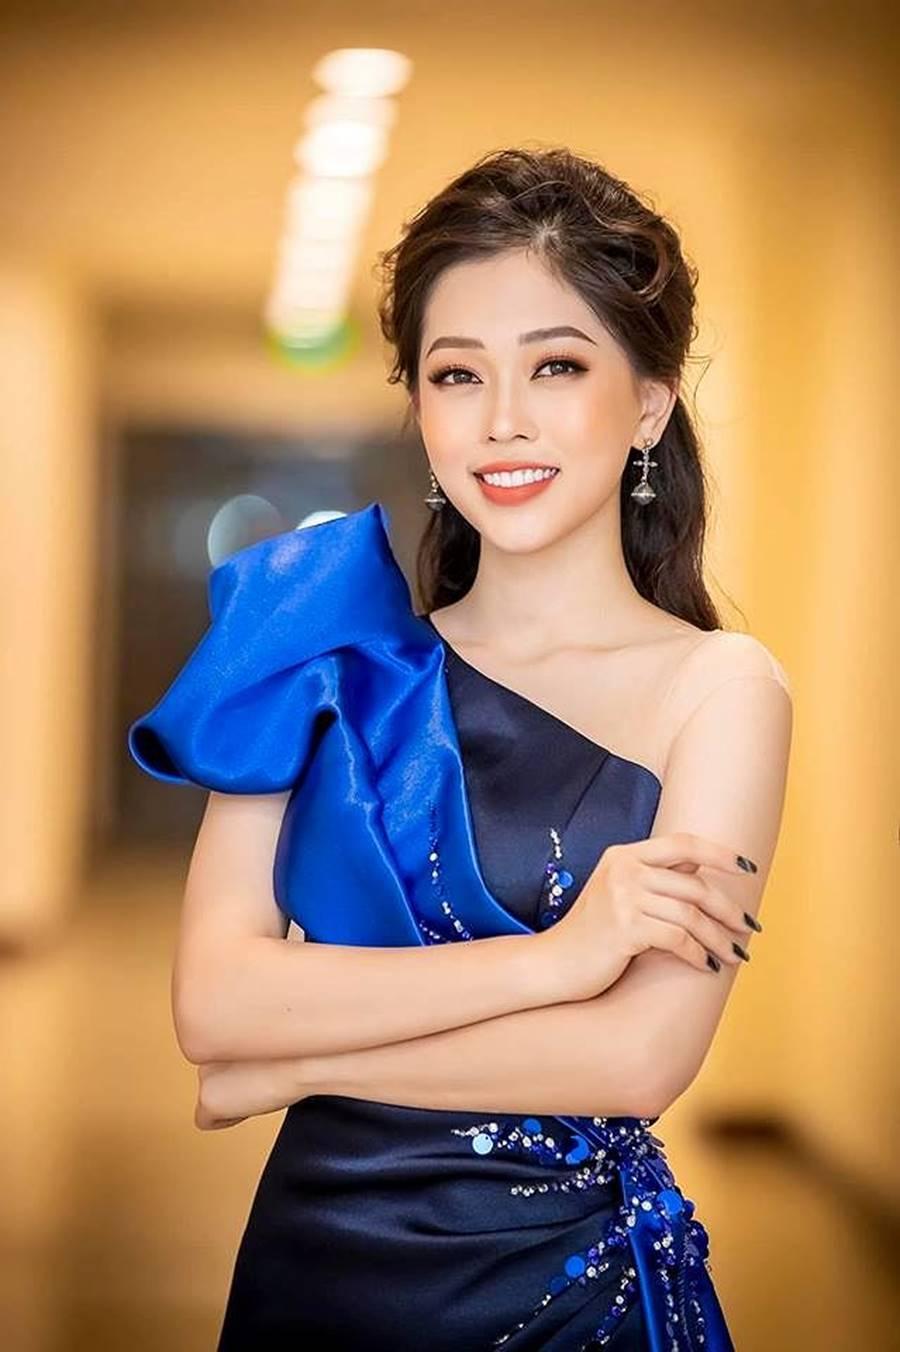 Hoa hậu Tiểu Vy, Á hậu Phương Nga đốn tim fans với váy áo lộng lẫy-4